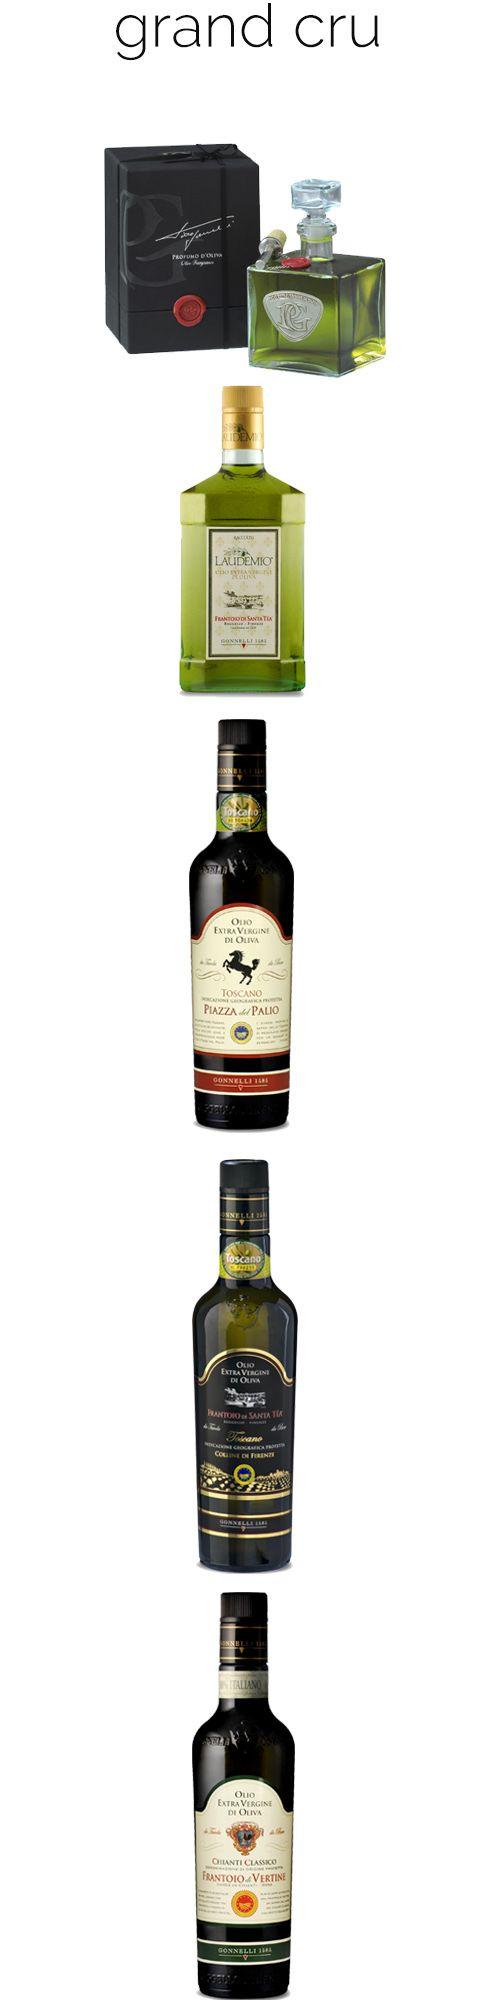 Dall'accurata selezione dell'area di coltivazione, la tempestiva raccolta delle olive e immediata frangitura, nascono i prodotti unici della linea Grand Cru.  #eccellenze #eccellenzeitaliane #olio #olioextravergine #olioitaliano #toscana #reggello